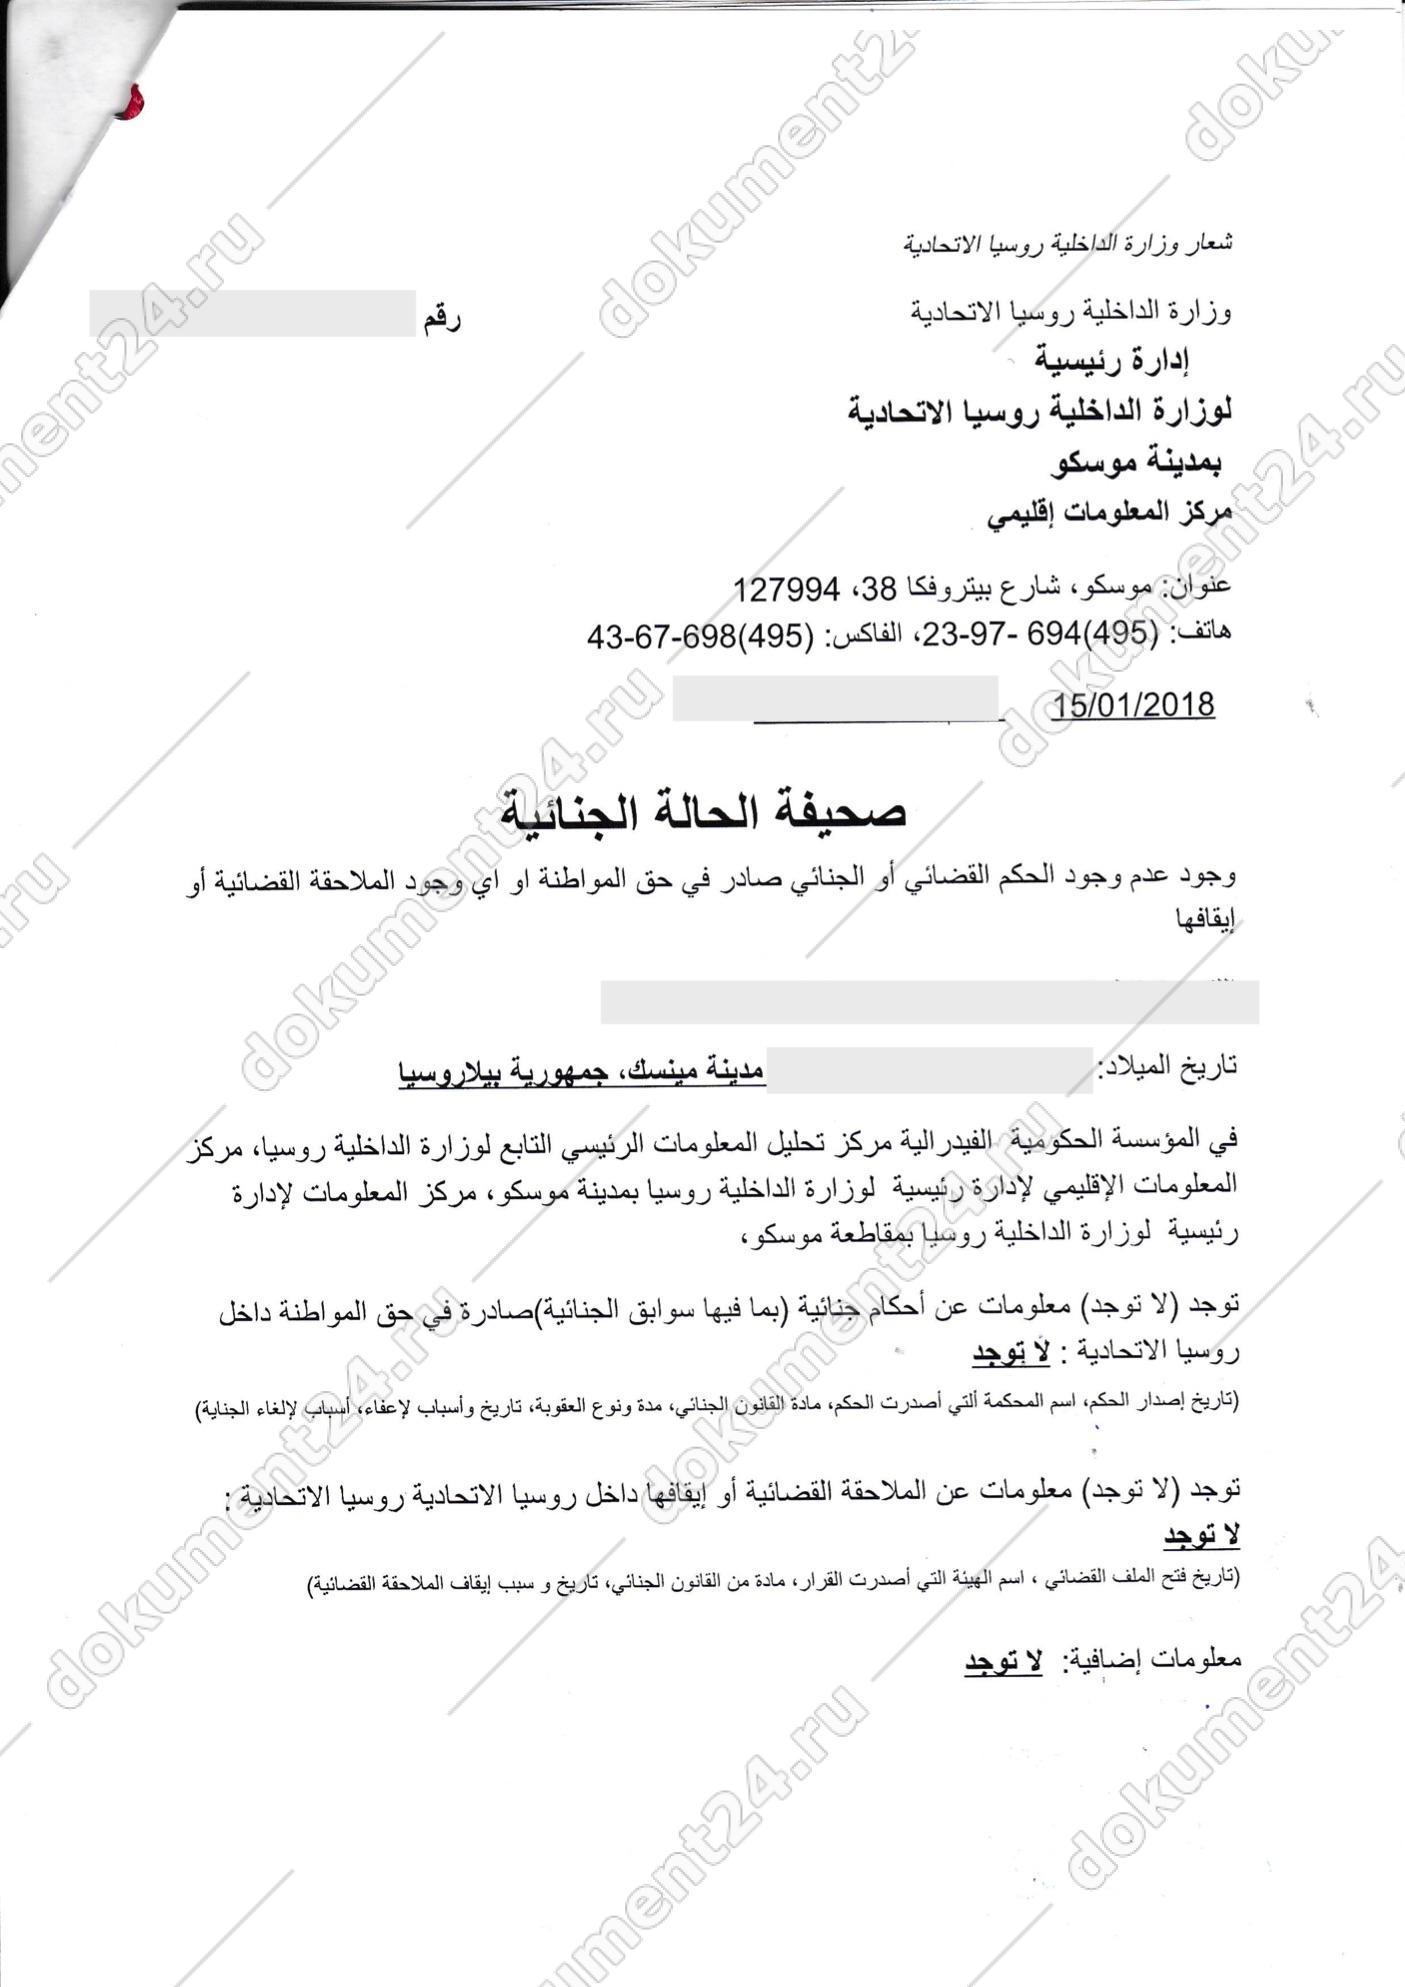 Перевод на арабский язык для Эмиратов